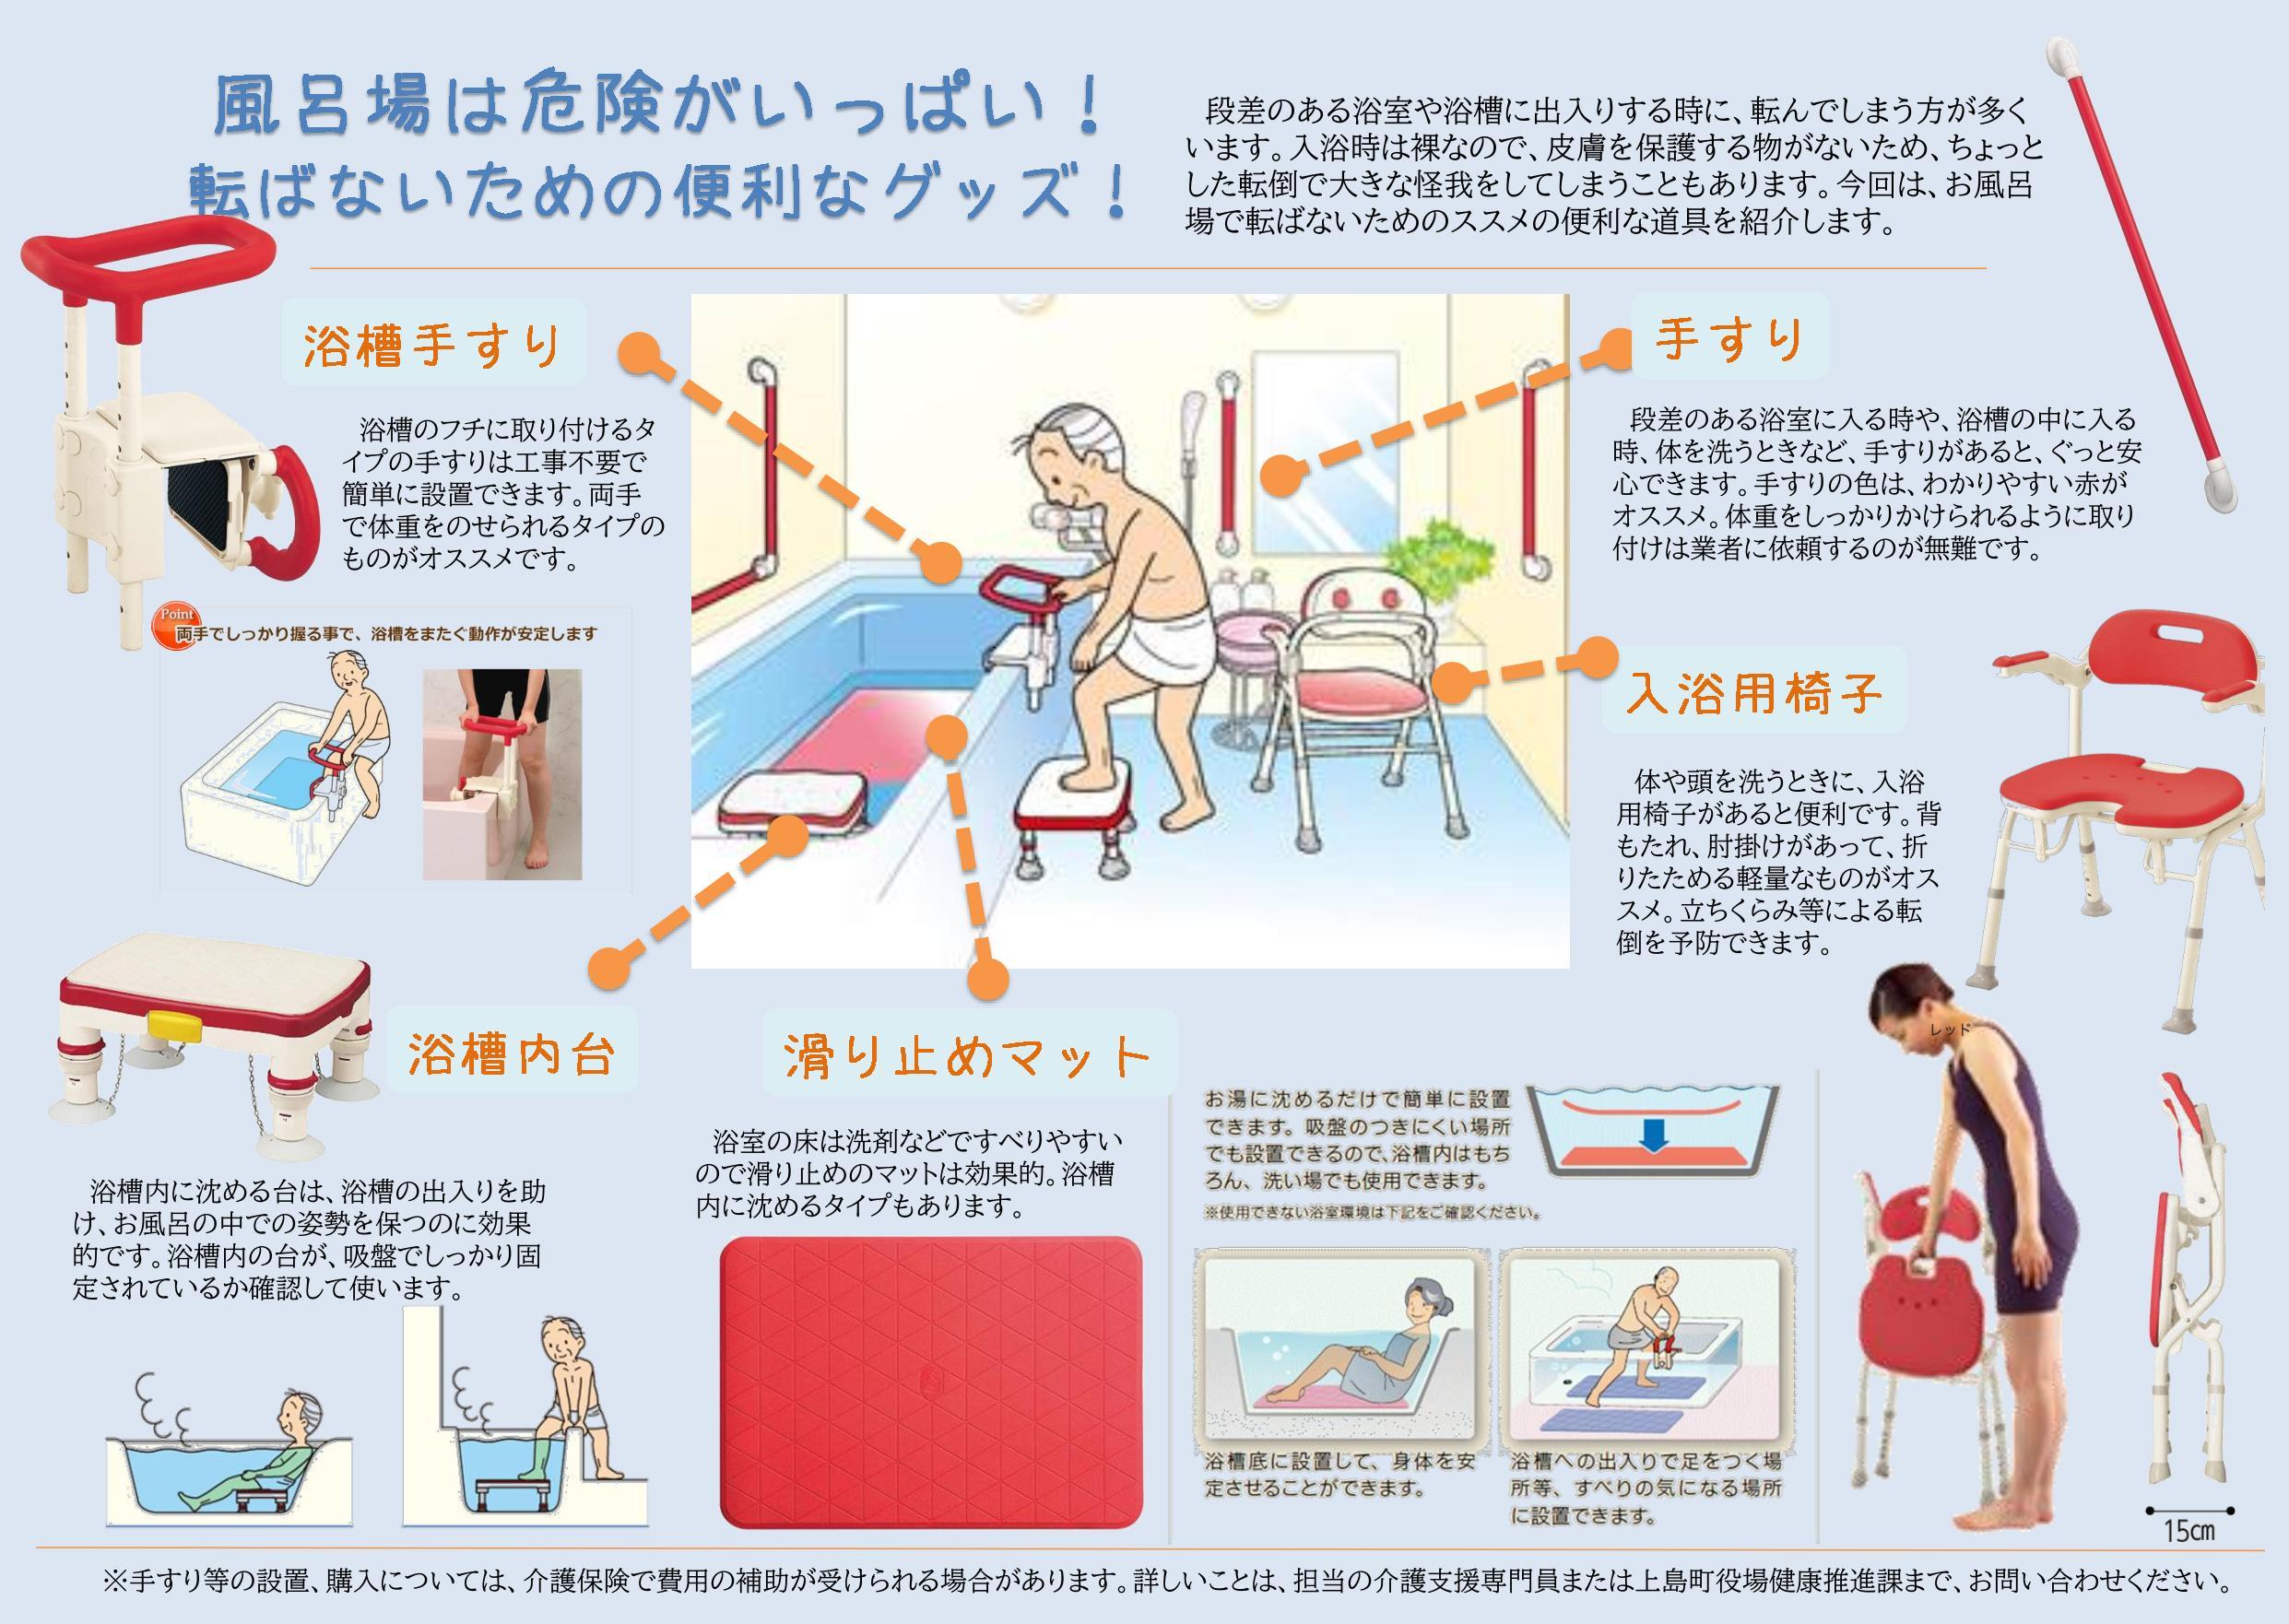 http://fukufukunokai.com/newsletter/images/5%E6%9C%88%E5%8F%B7_cropped_2.jpeg